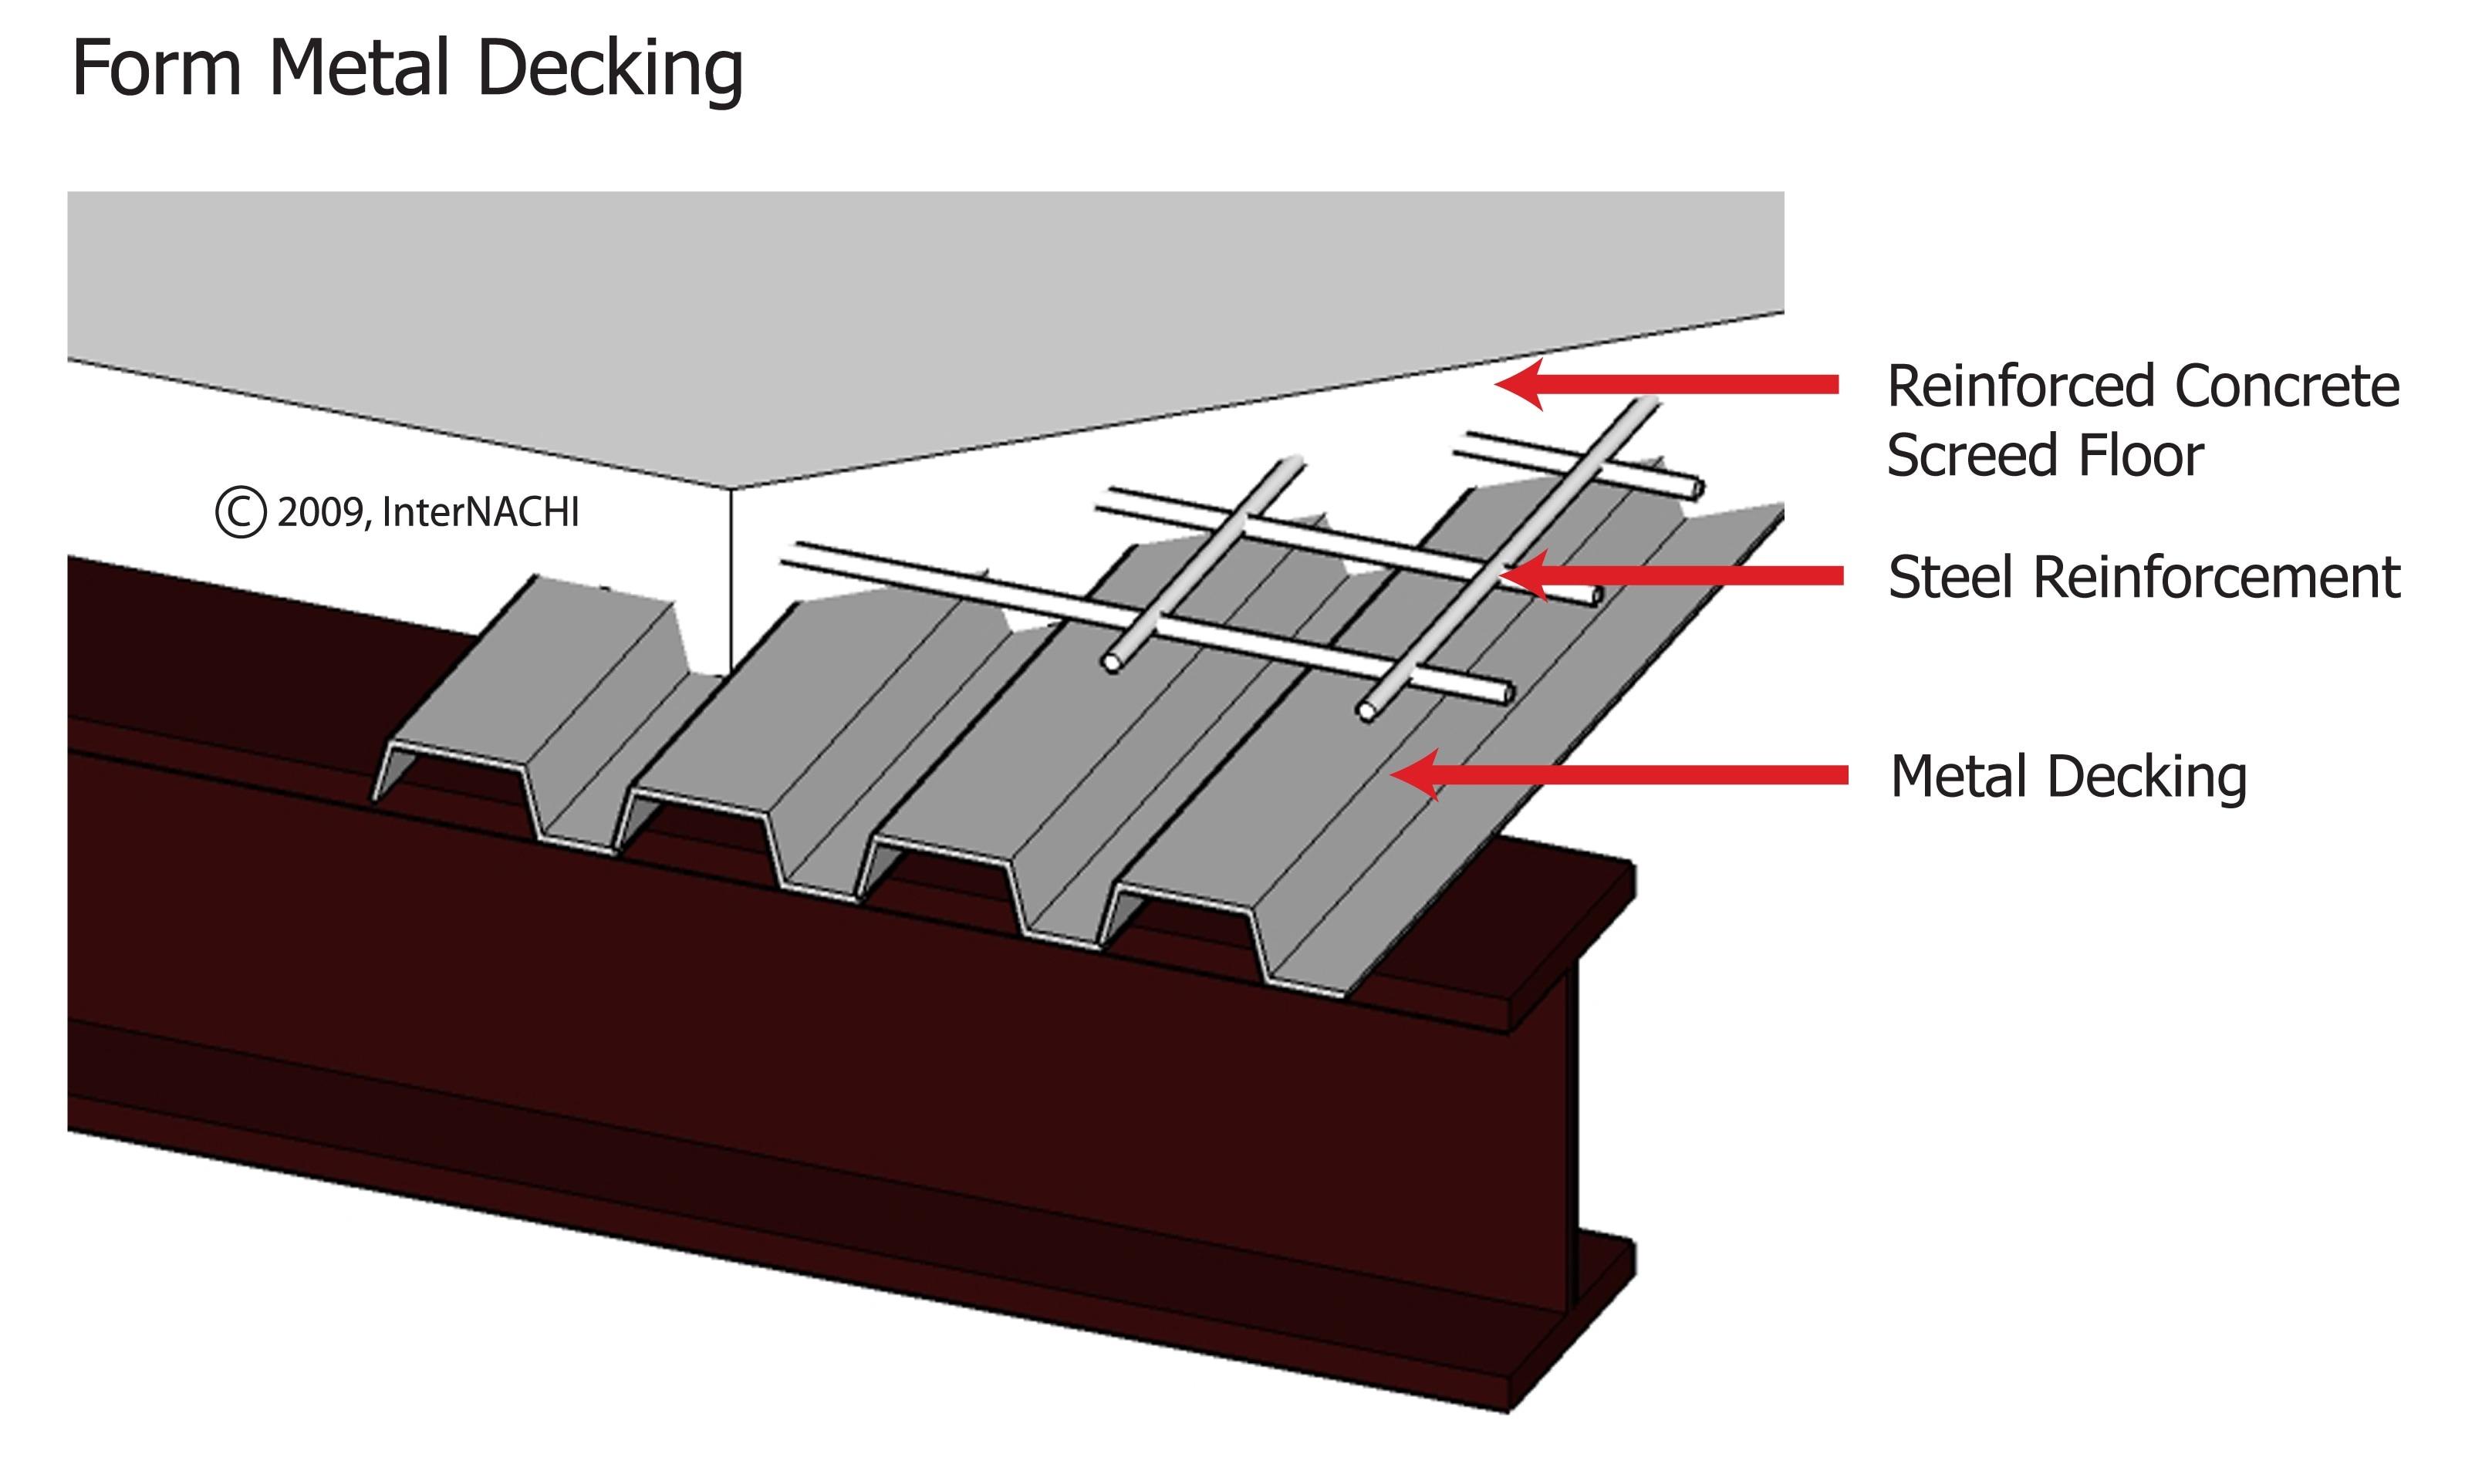 Form metal decking.